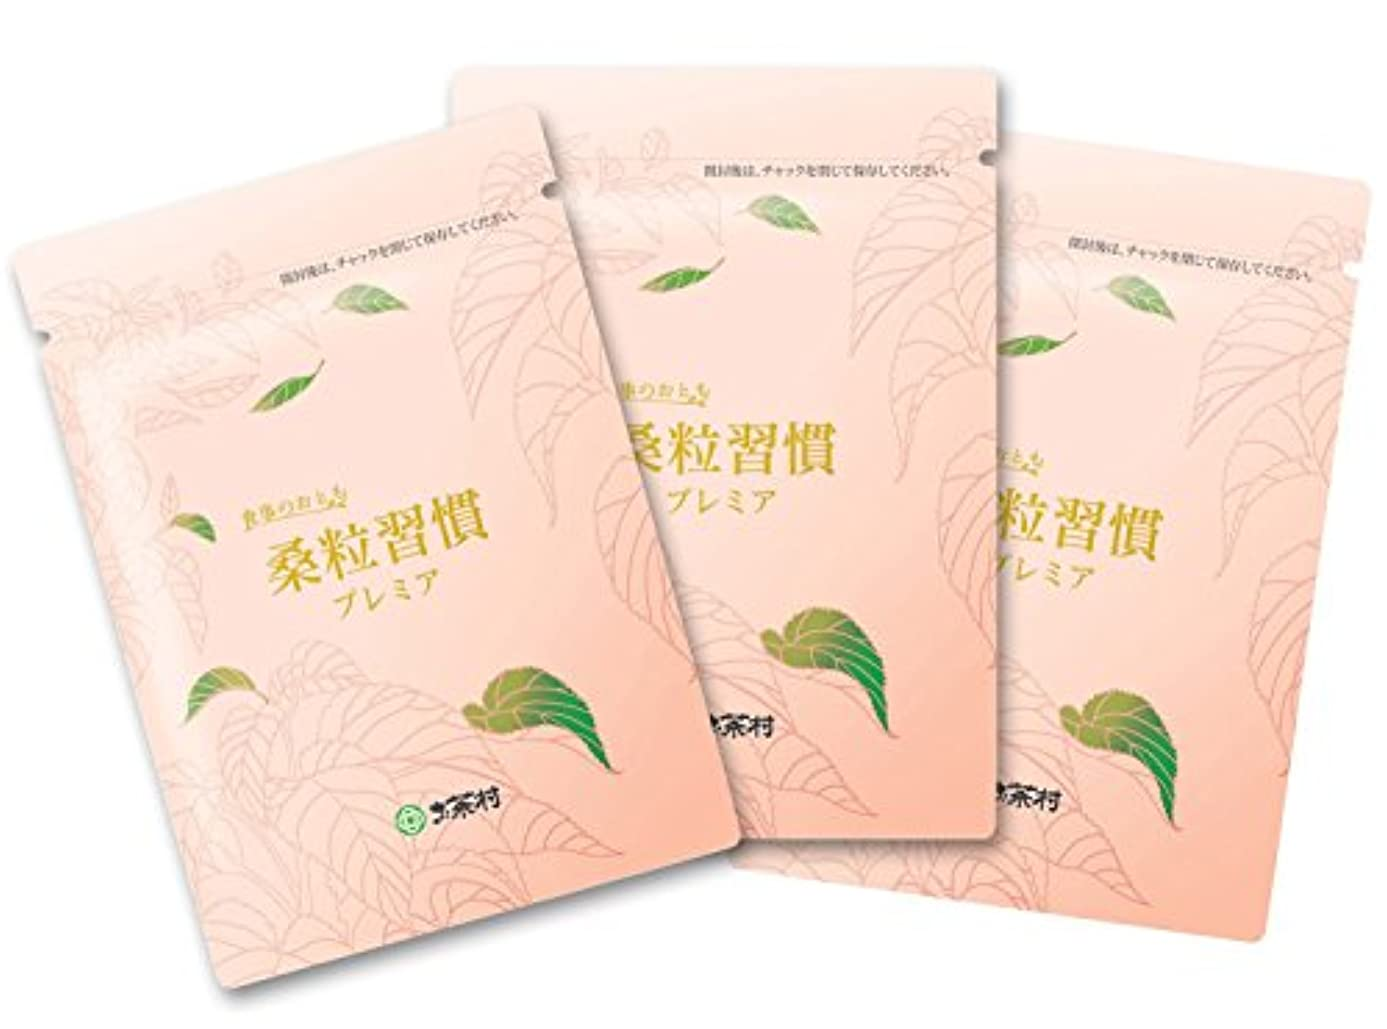 博覧会放散する素晴らしいお茶村 食事のおとも 桑粒習慣 プレミア(220mg×180粒) 3袋セット